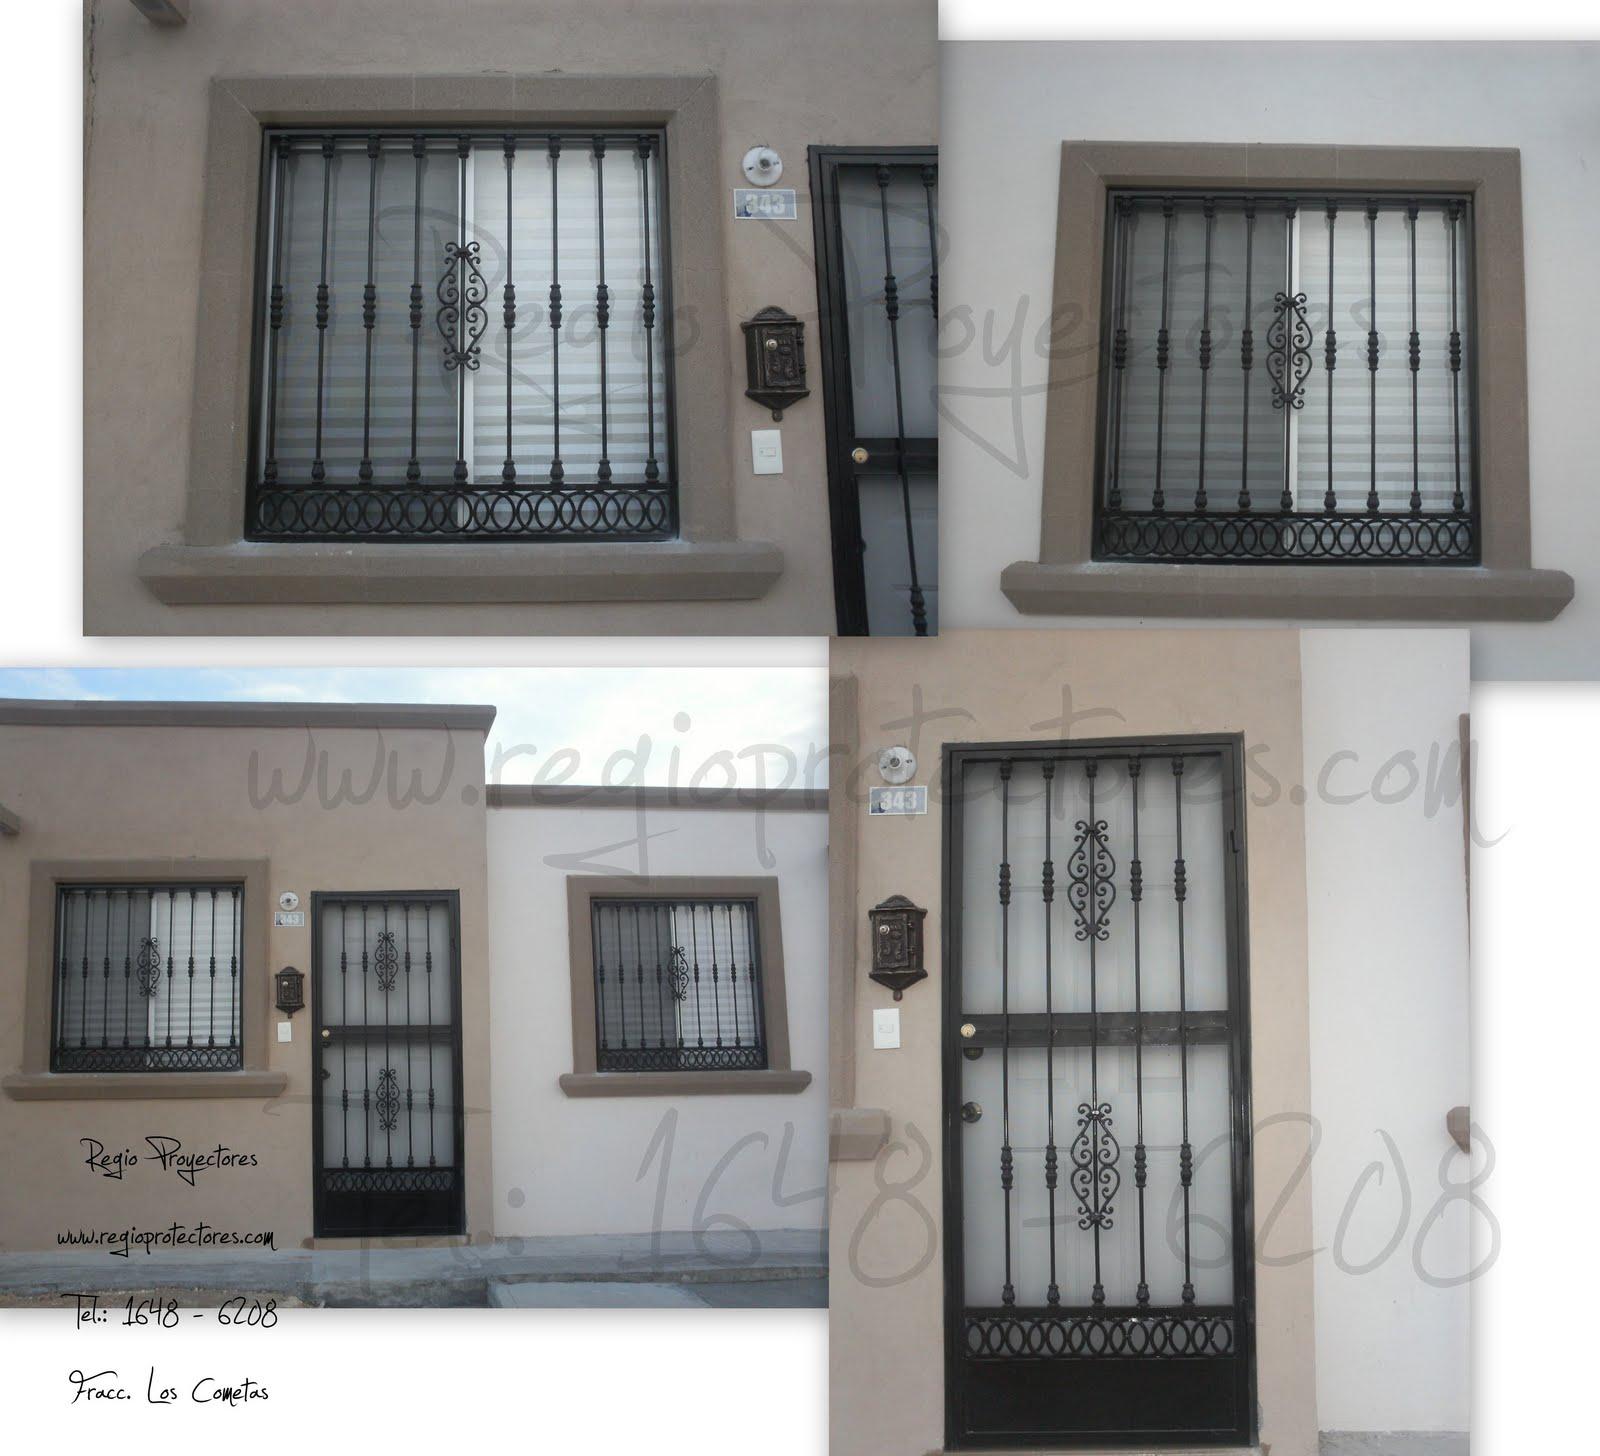 Protectores para ventanas y puertas, Fracc. Los Cometas